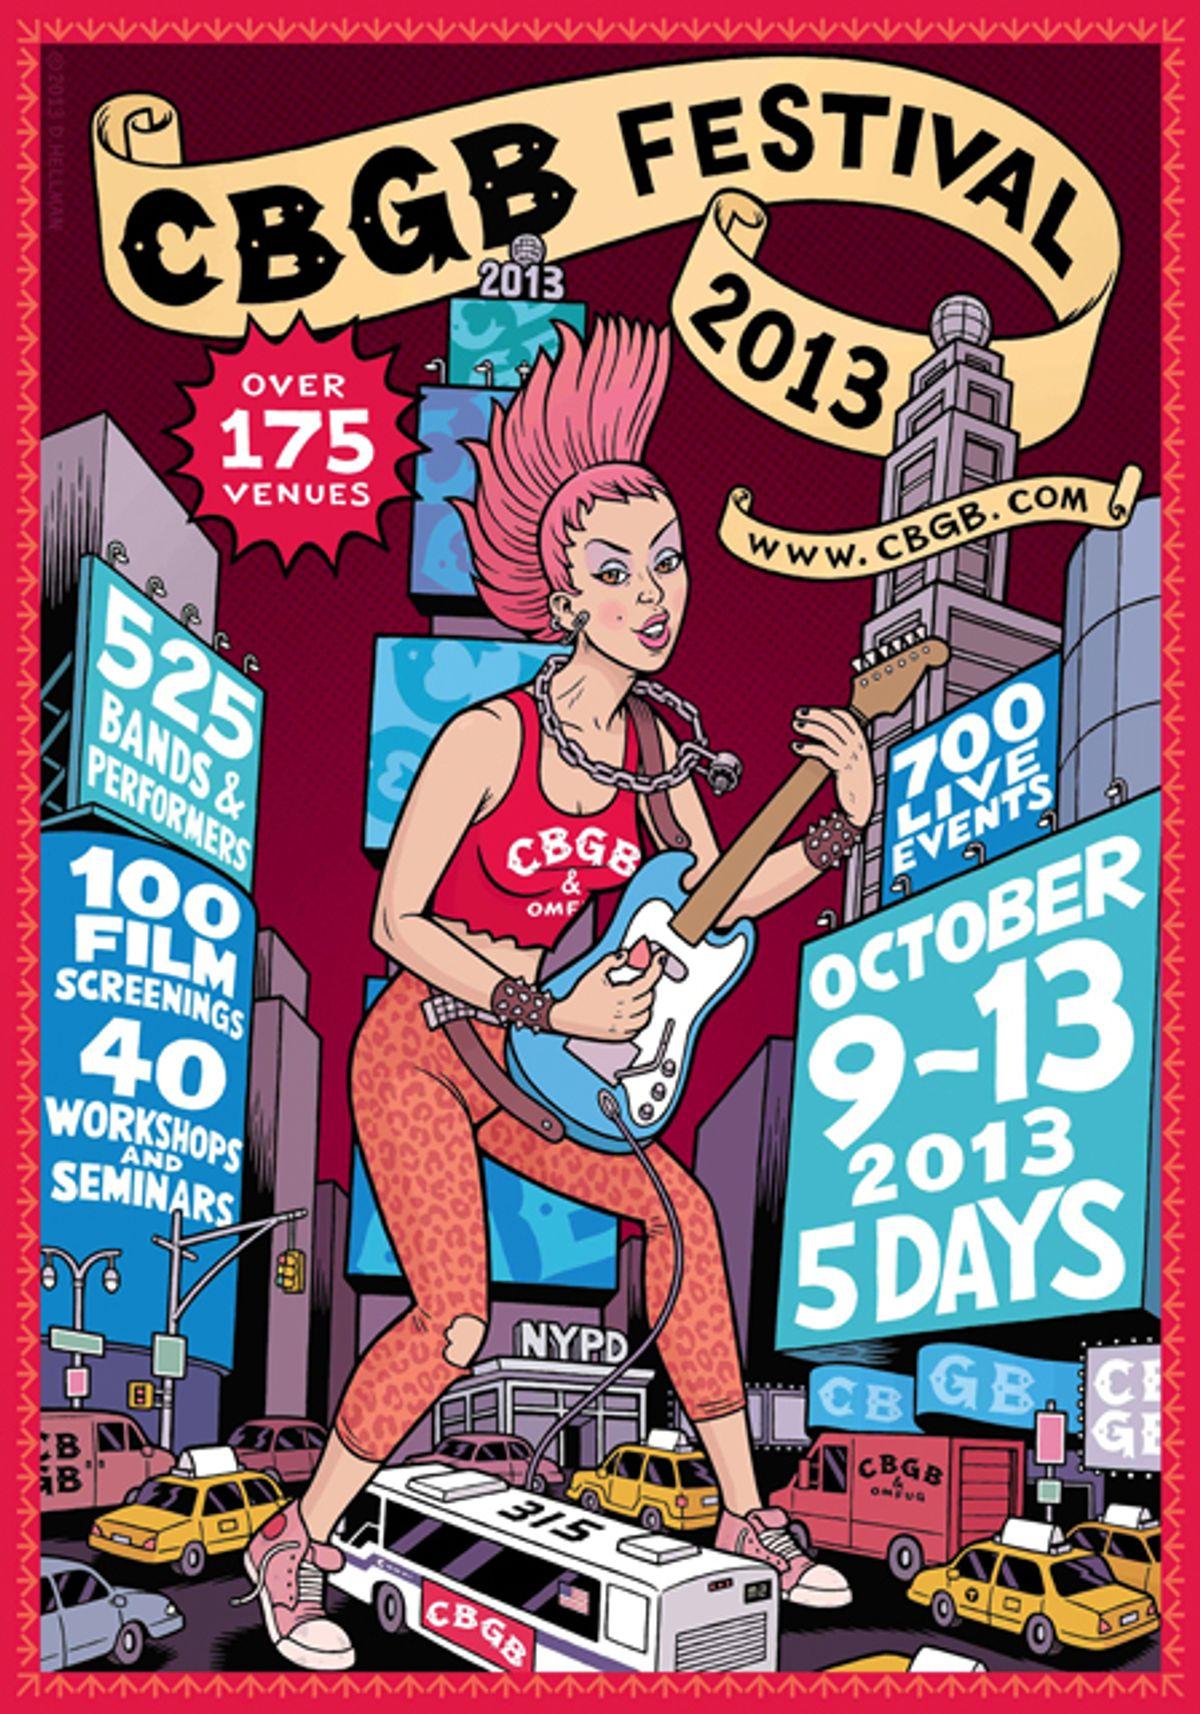 CBGB Celebrates 40th Anniversary with the CBGB Music and Film Festival